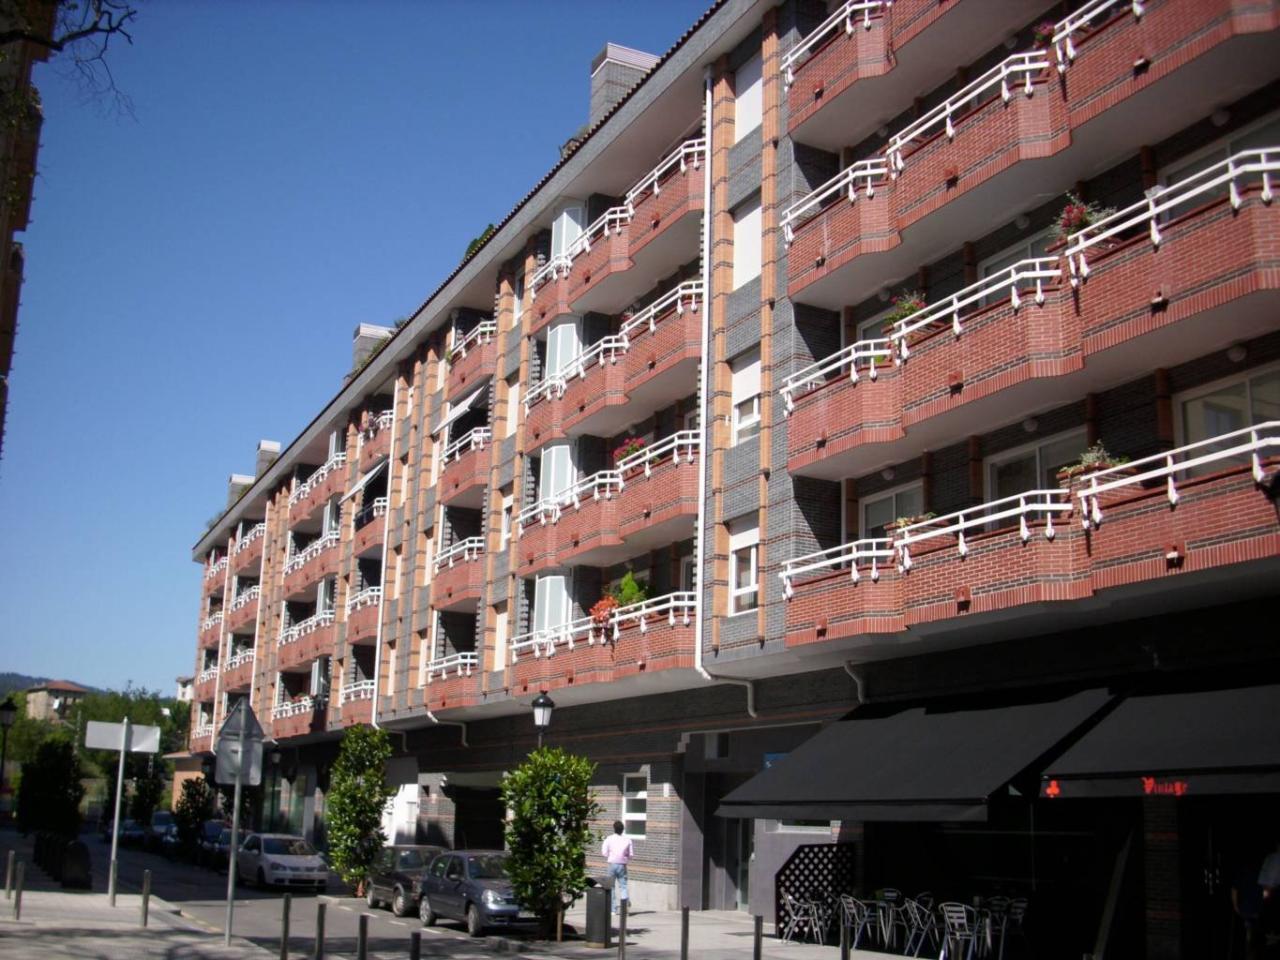 Inmobiliaria larrea piso de nueva construcci n en venta en muy c ntrico por 000207 - Pisos de nueva construccion ...